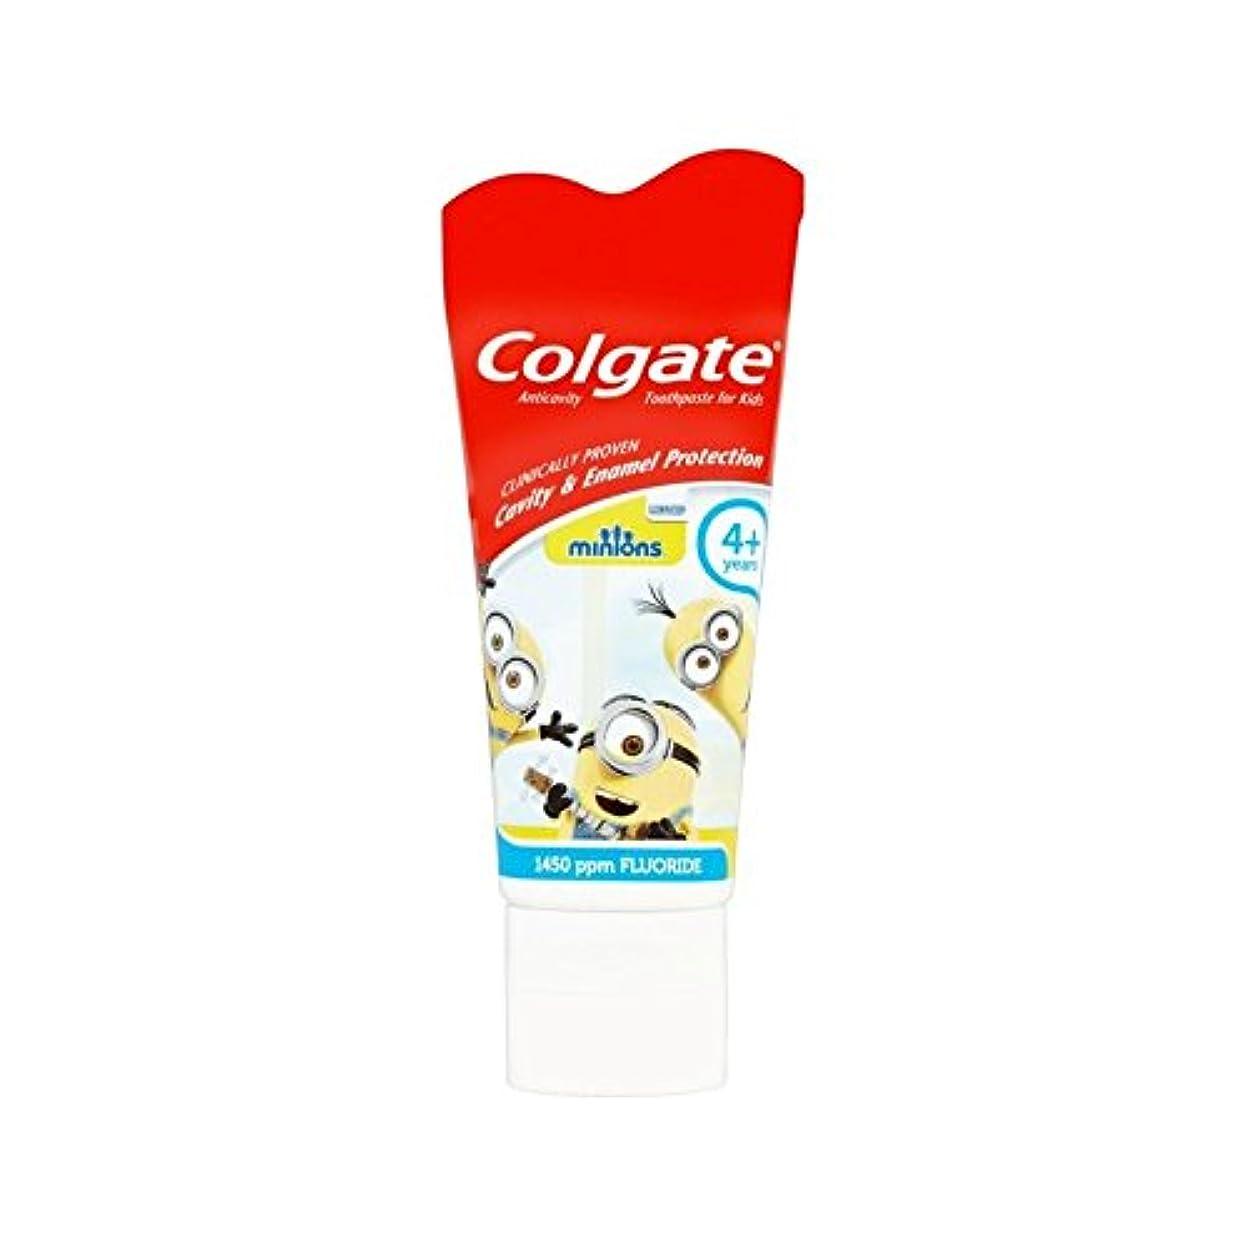 本を読むの配列ペスト手下の子供4+歯磨き粉50ミリリットル (Colgate) (x 2) - Colgate Minions Kids 4+ Toothpaste 50ml (Pack of 2) [並行輸入品]